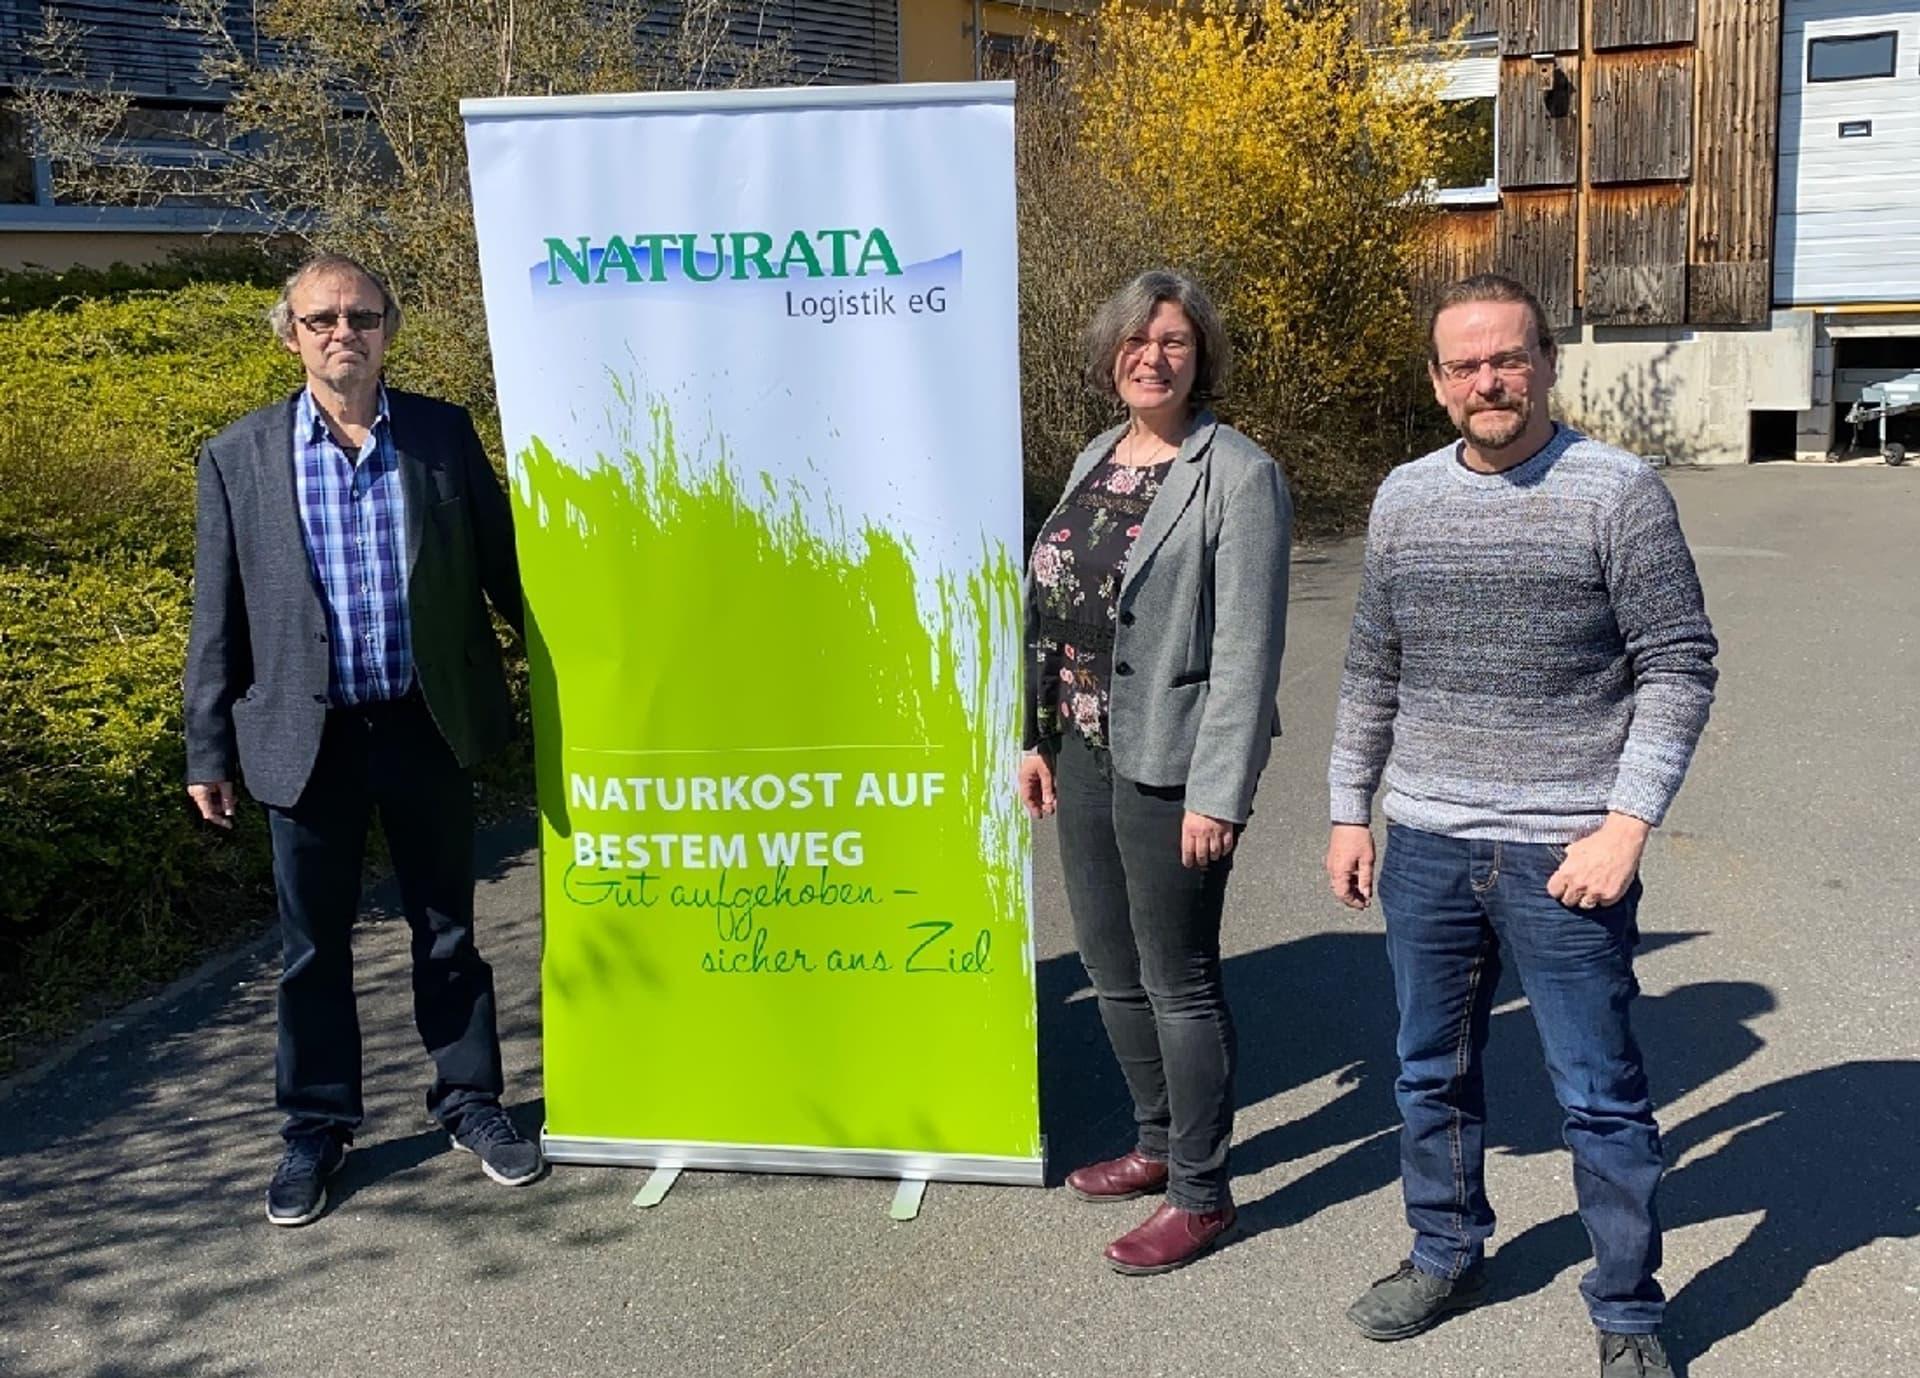 Blicken auf eine erfolgreiche Entwicklung der Naturata Logistik eG zurück: Jürgen Sauer, Doris Maag und Reinhold Hollering (v.l.)